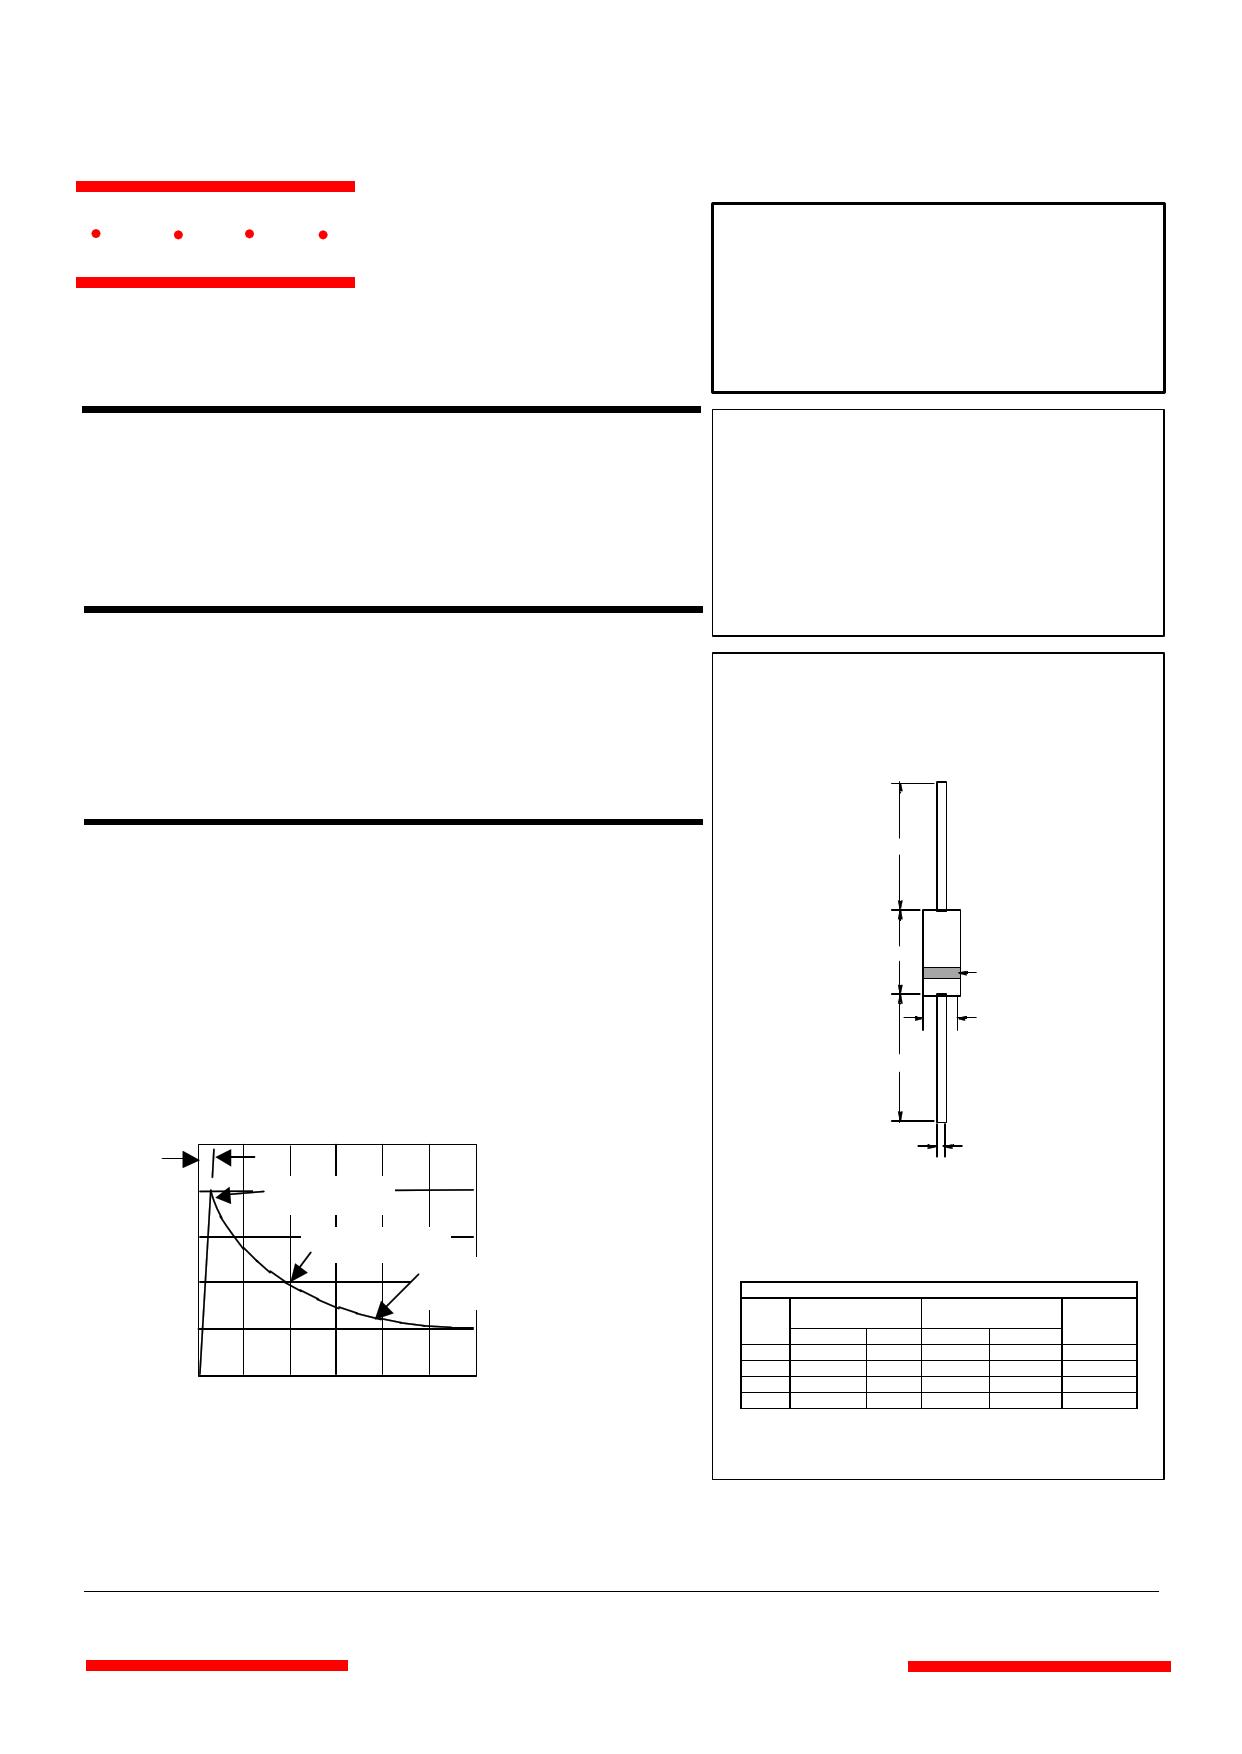 3KP6.5A دیتاشیت PDF